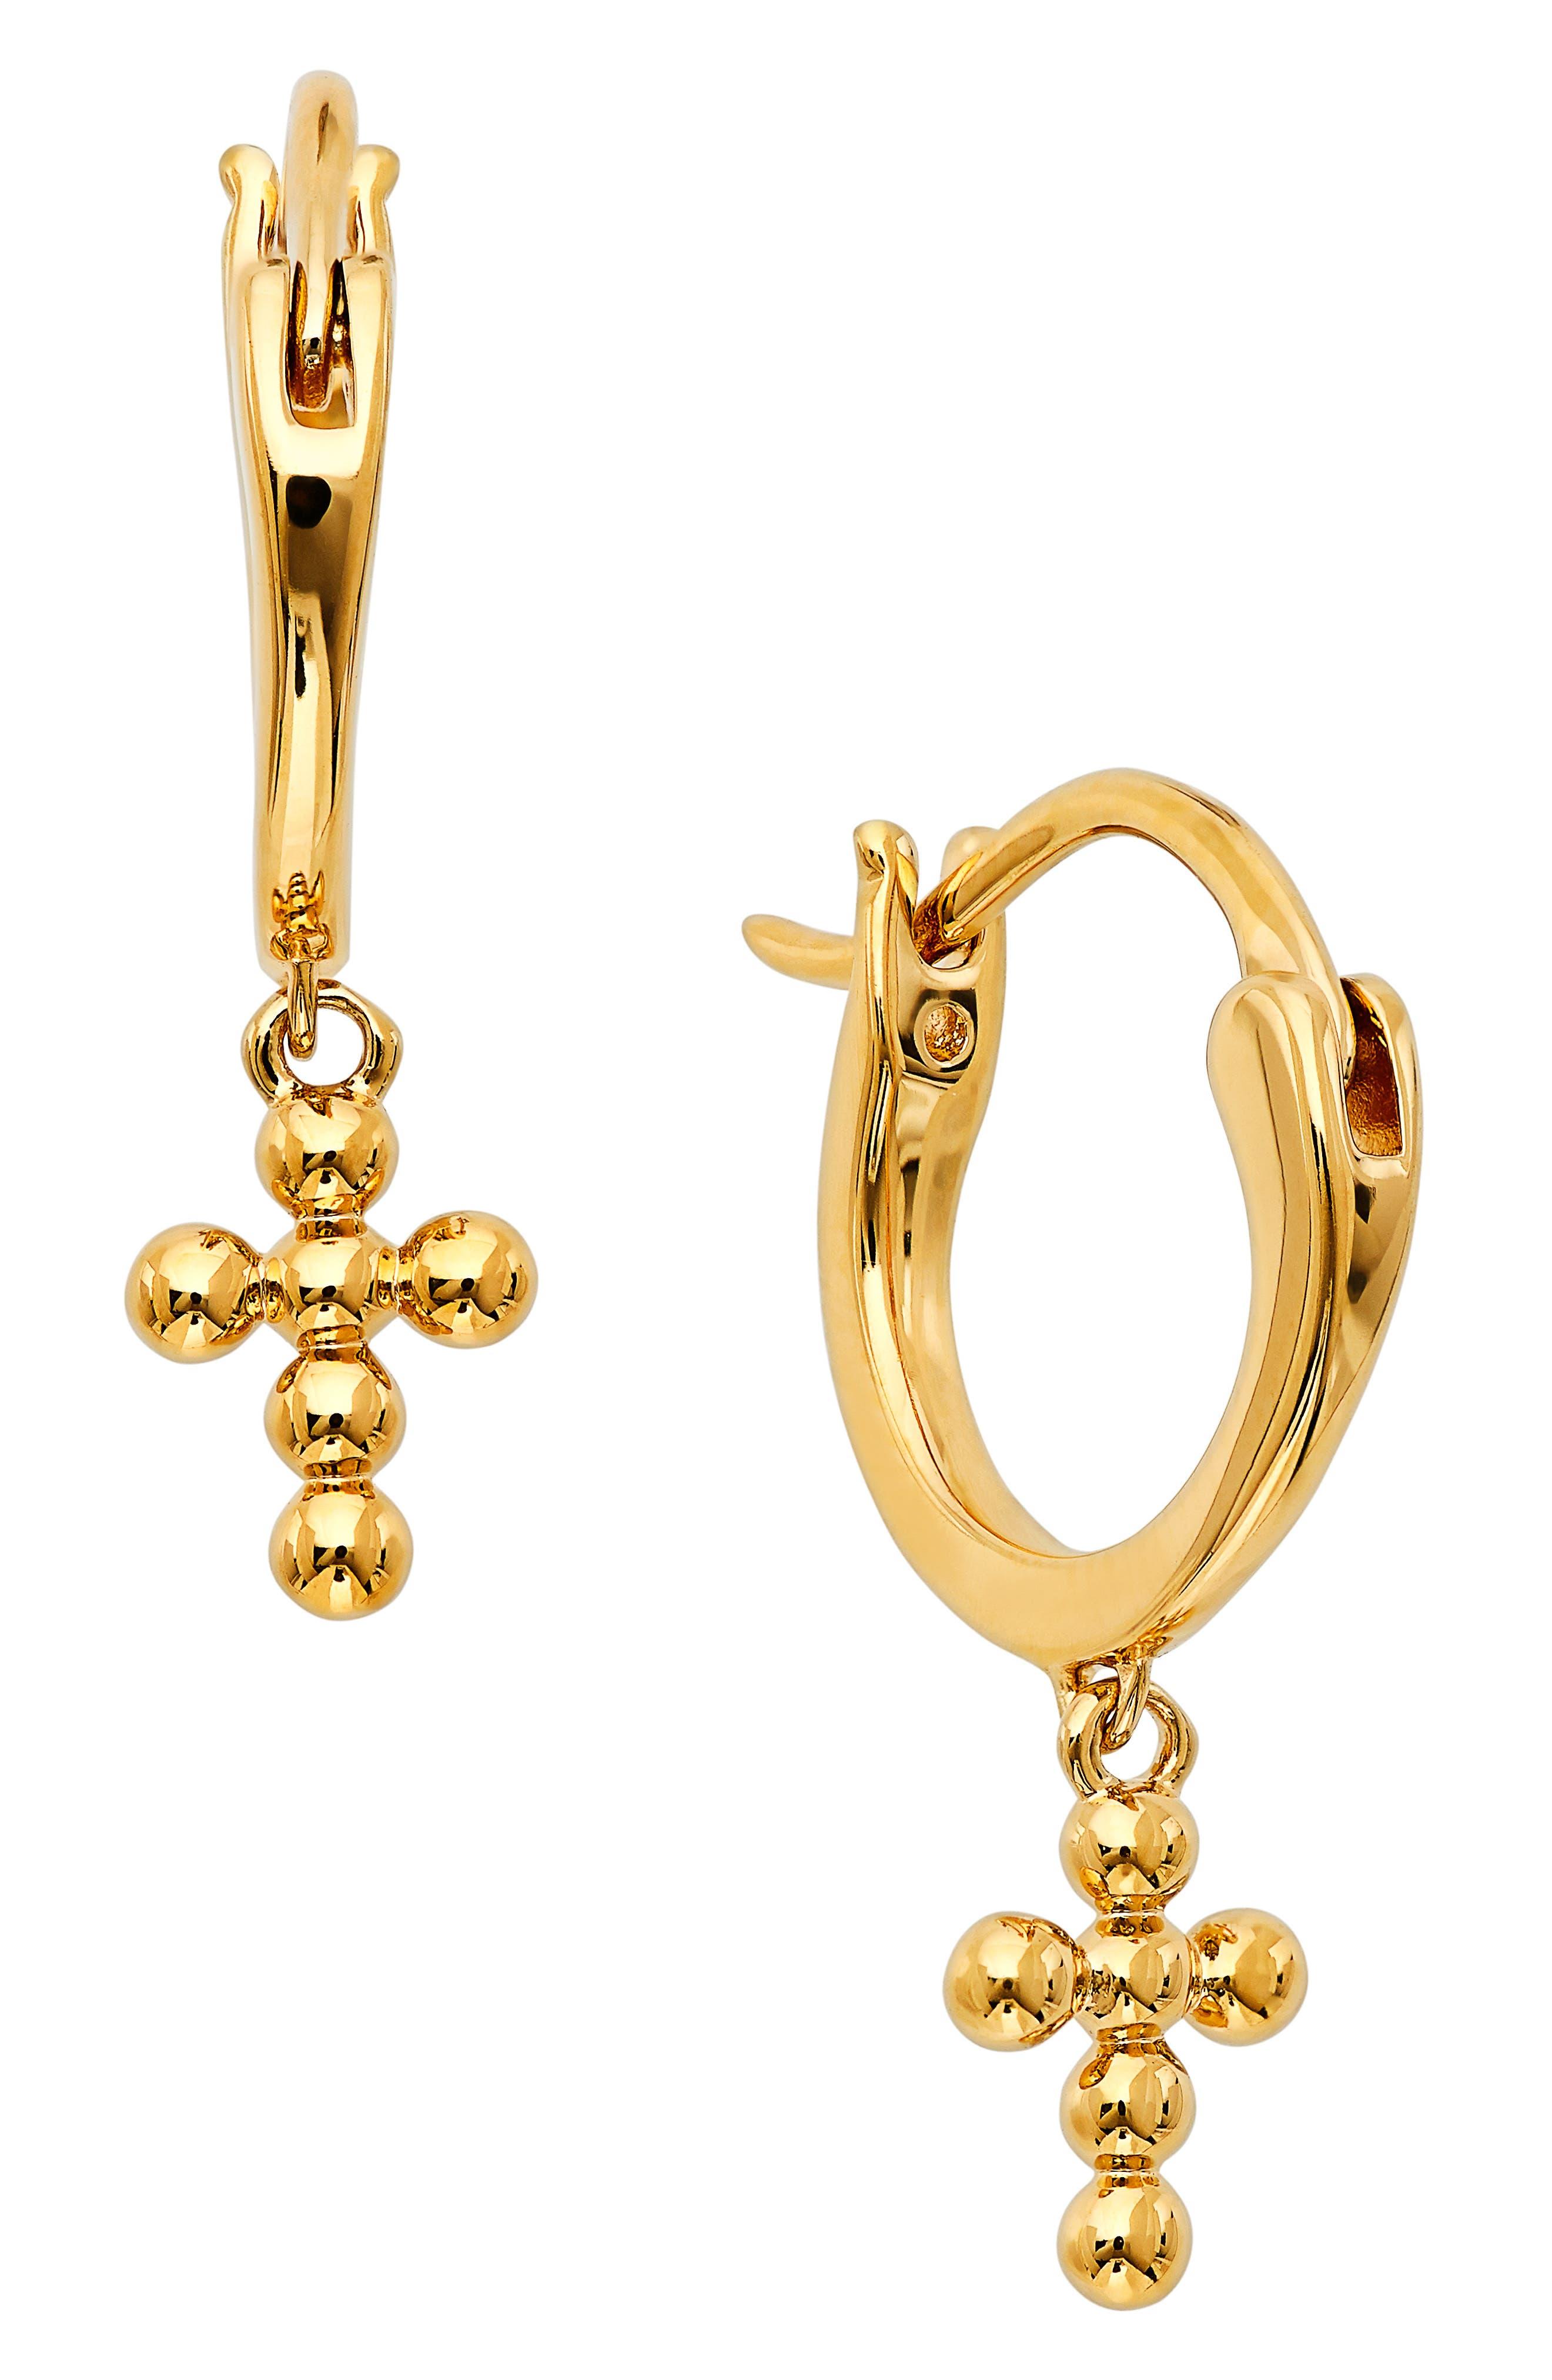 Lala Beaded Cross Huggie Hoop Earrings